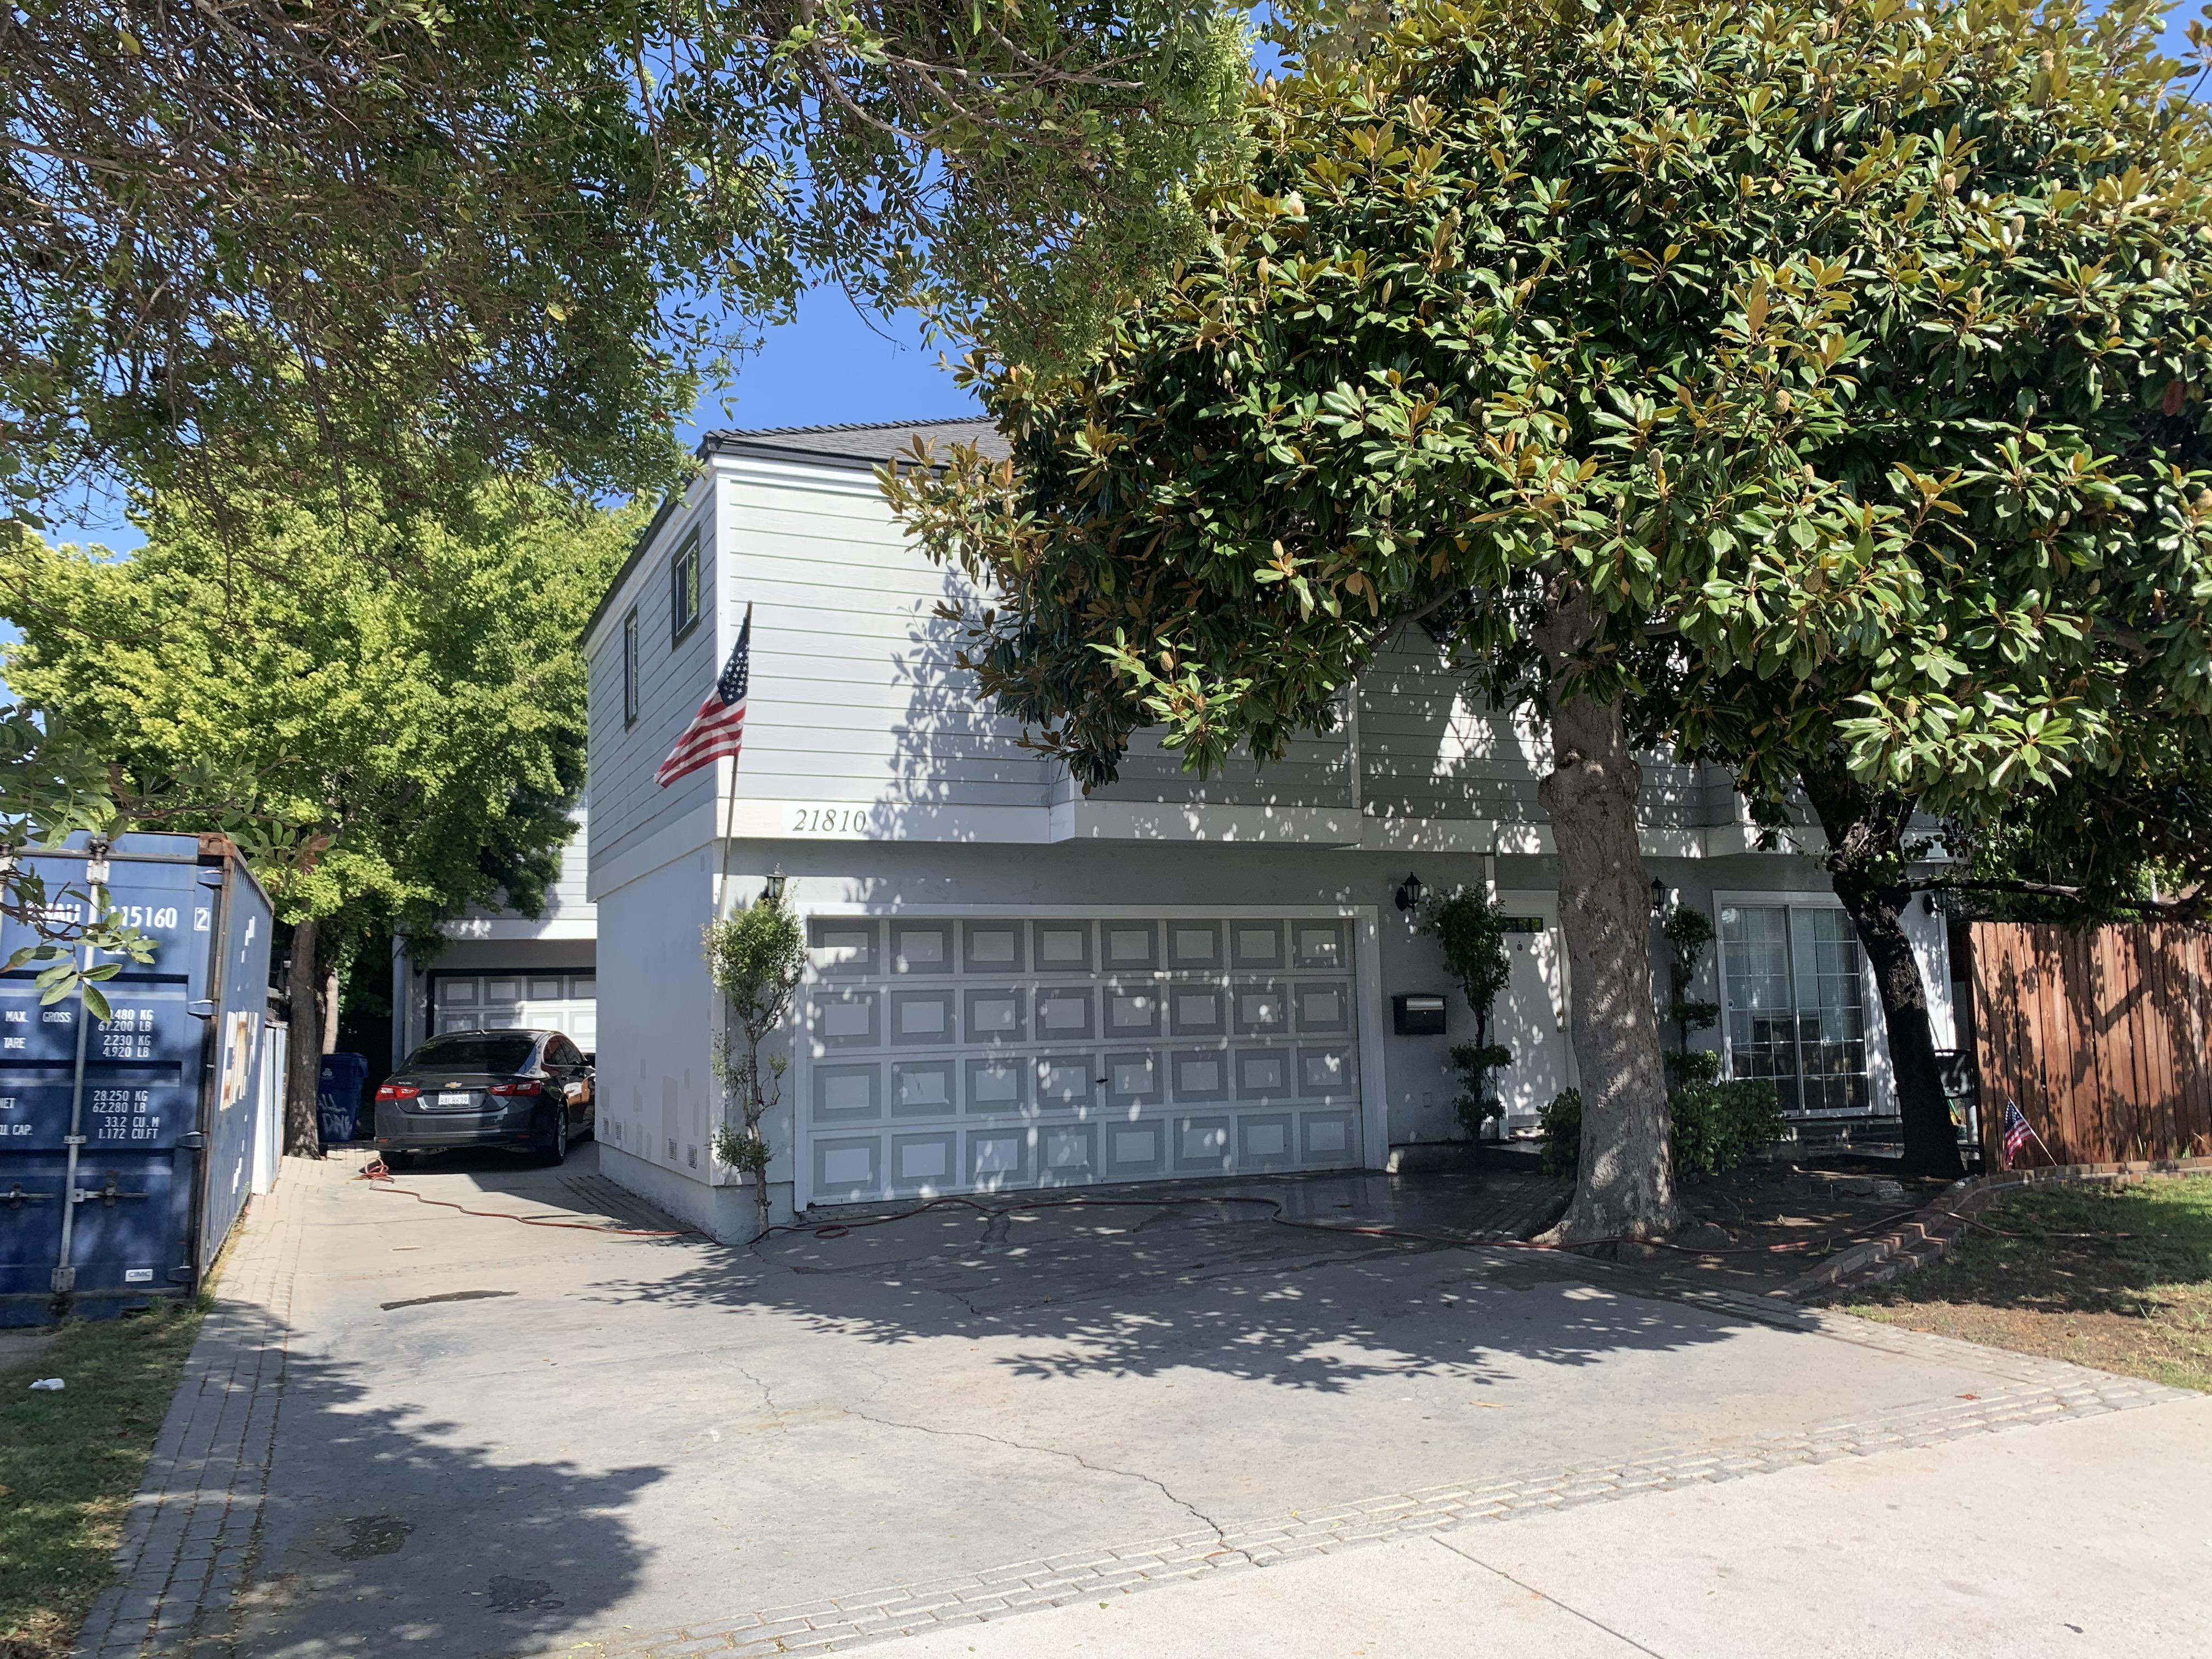 写真:Halldale Ave, Torrance, CA 90501